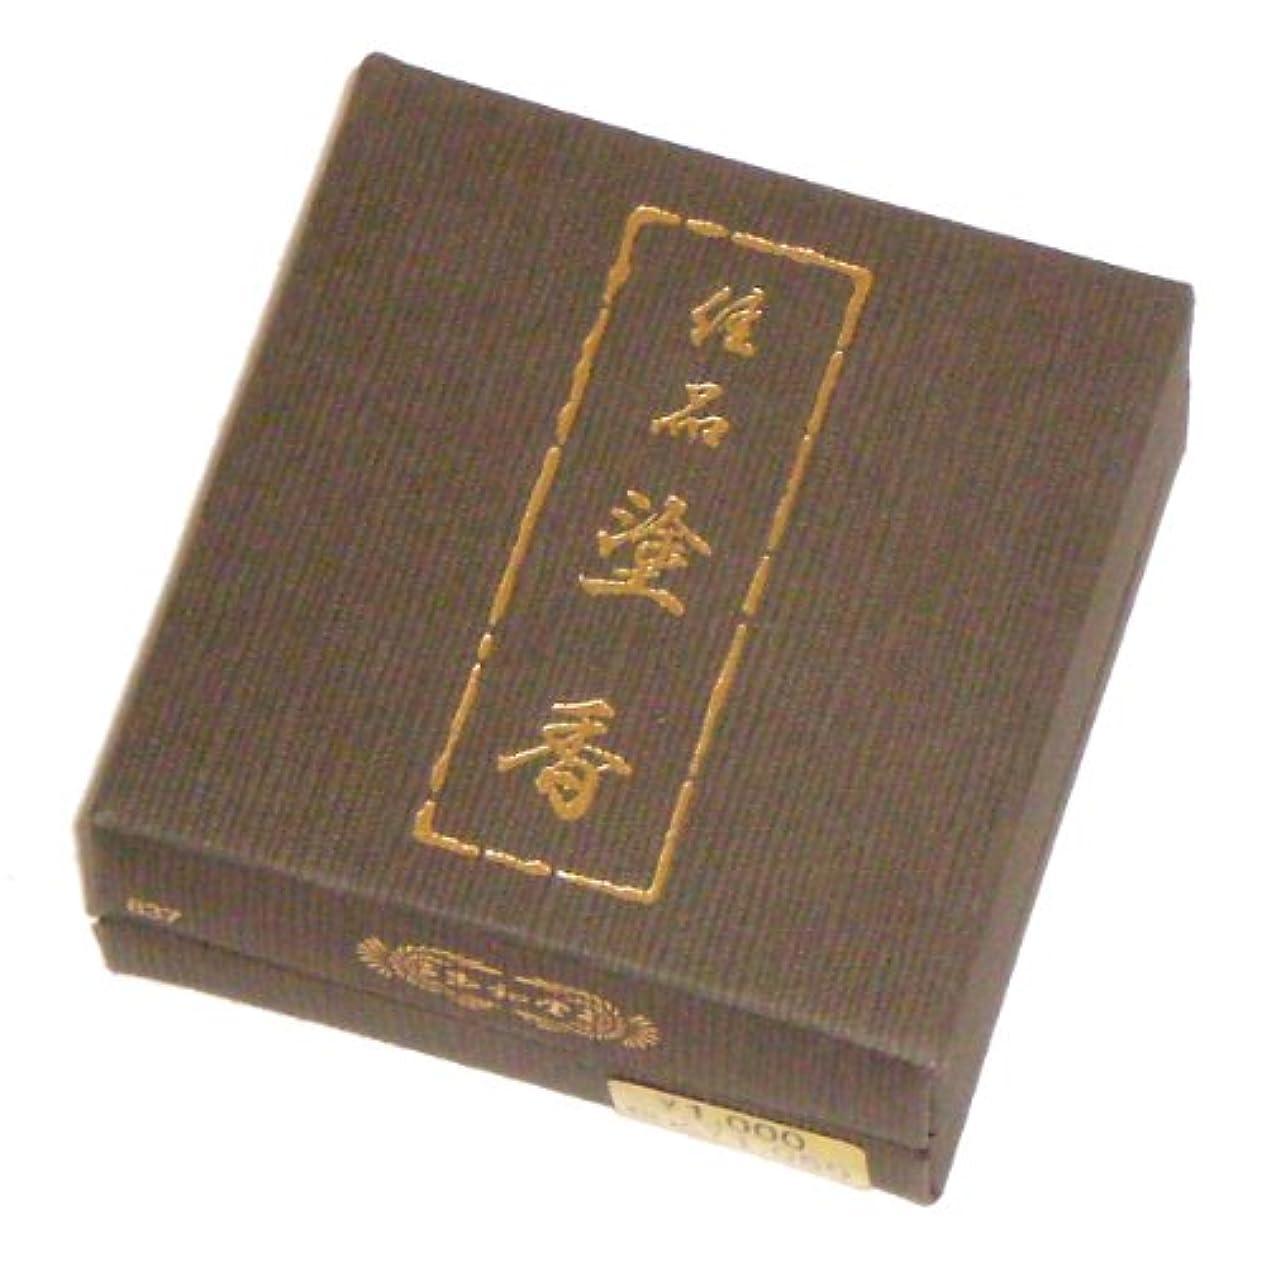 一節遺棄された感嘆符玉初堂のお香 佳品塗香 15g 紙箱 #837